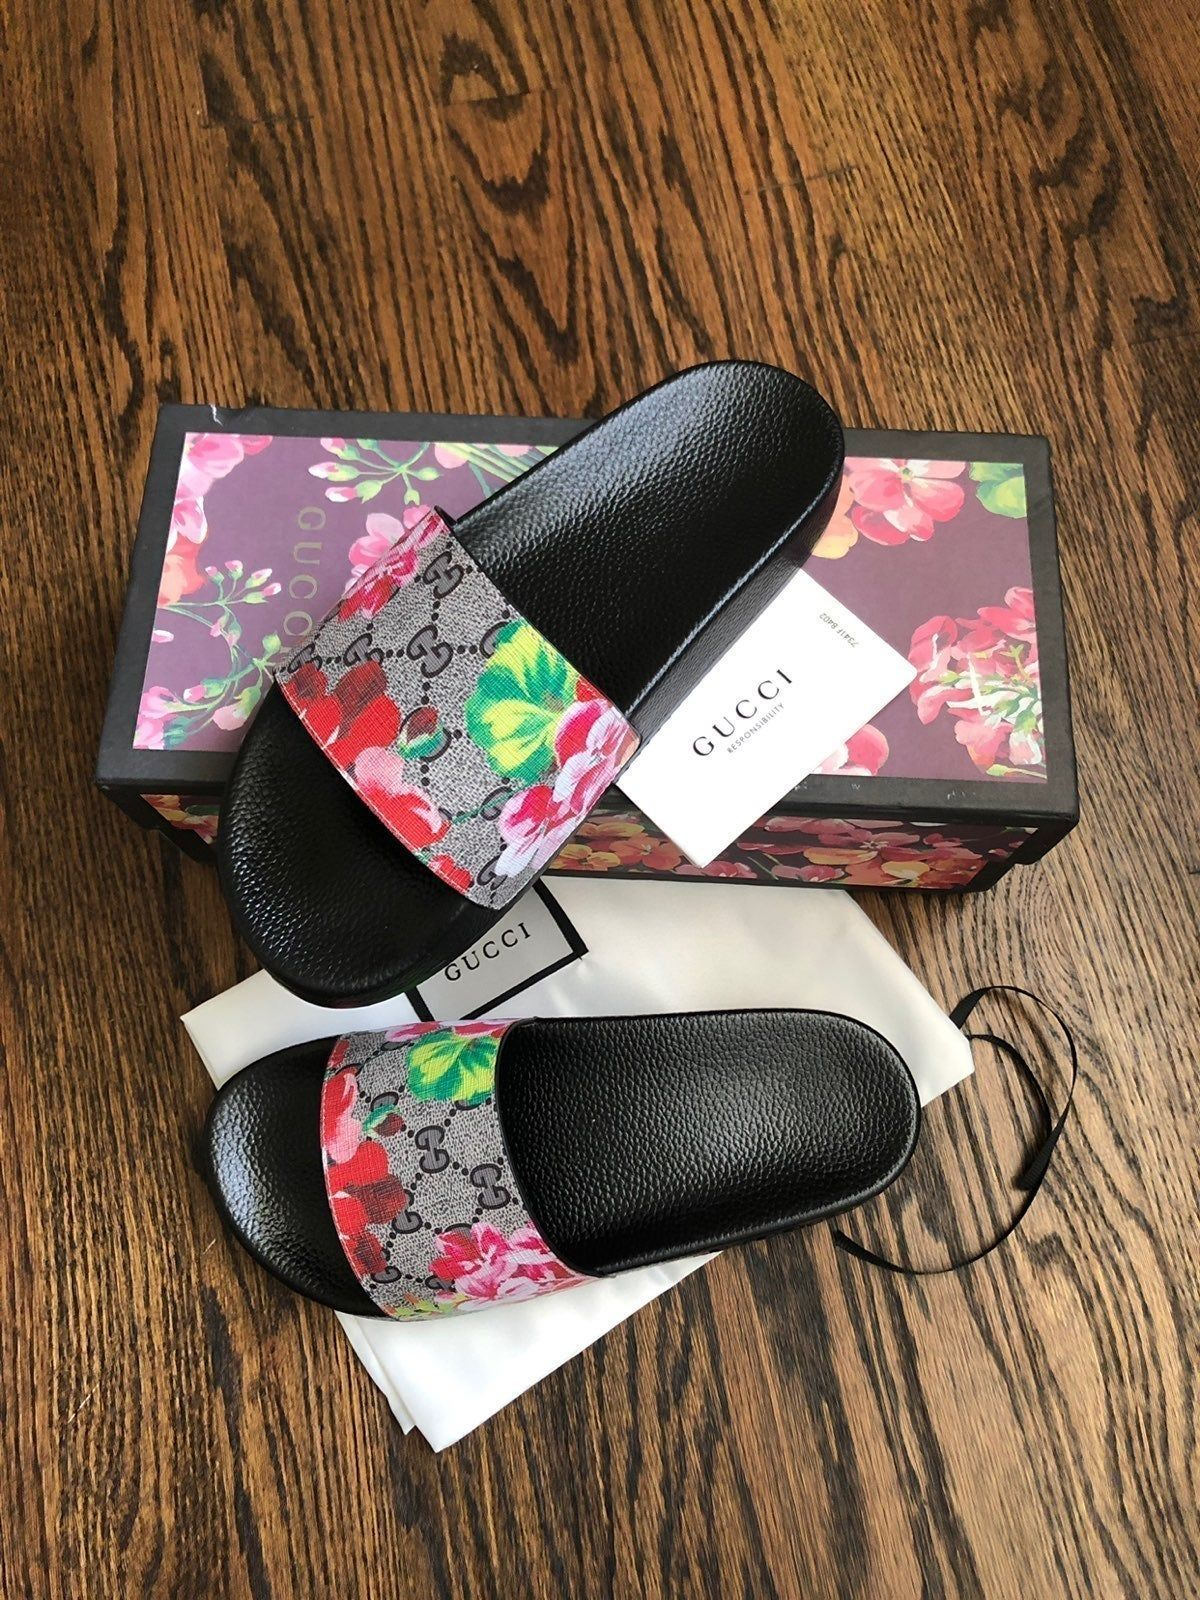 New Gucci Pursuit Bloom Slide Sandals